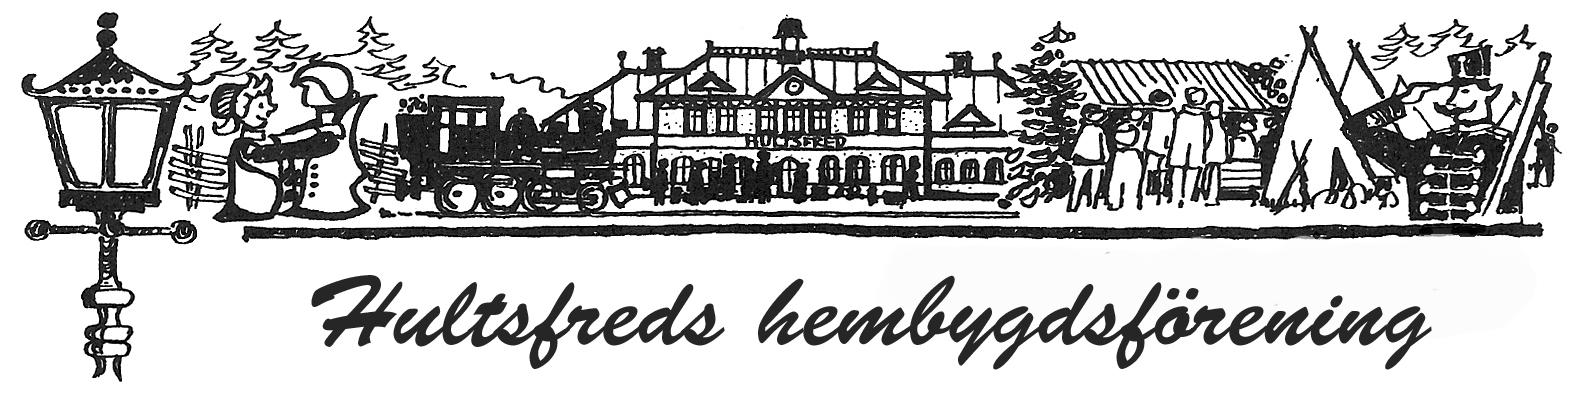 Hultsfreds Hembygdsförening Logo